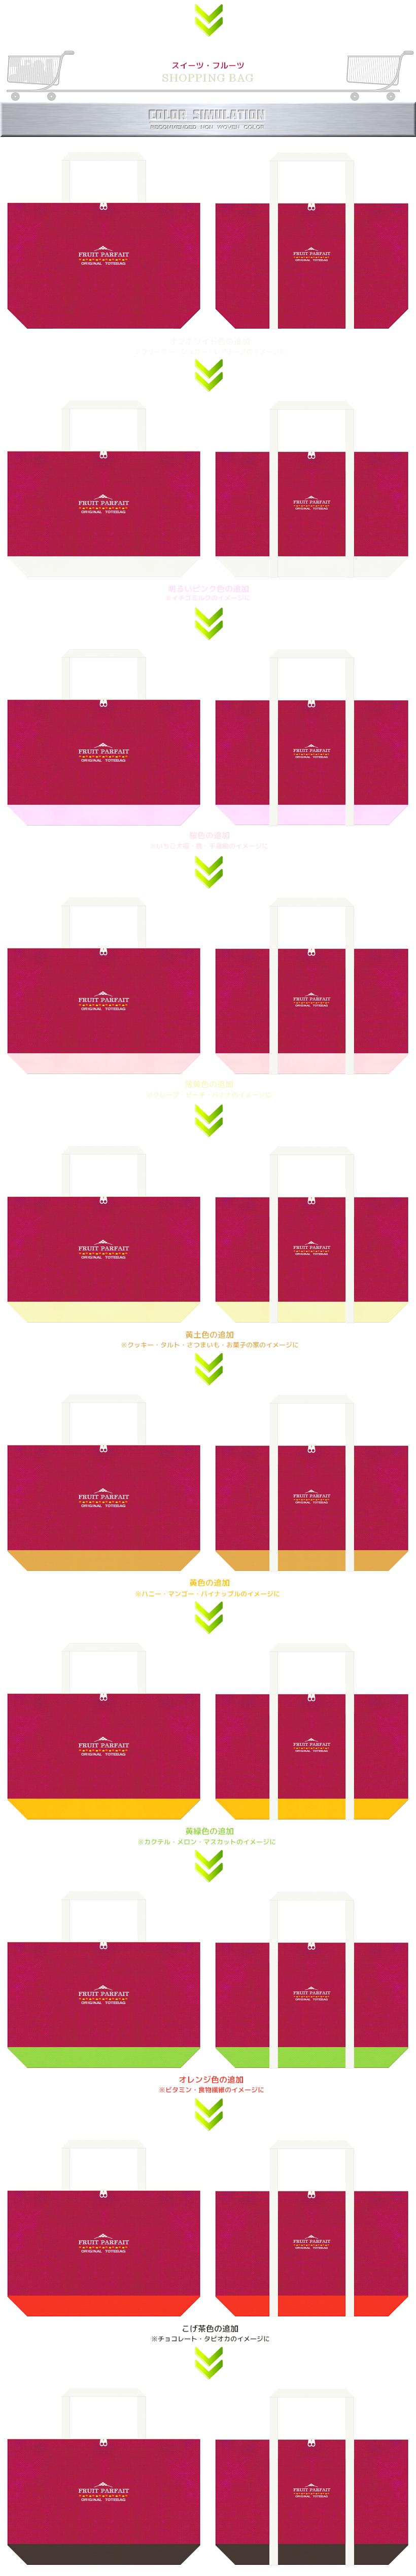 濃いピンク色とオフホワイト色をメインに使った不織布バッグのカラーシミュレーション:フルーツ・スイーツのショッピングバッグ